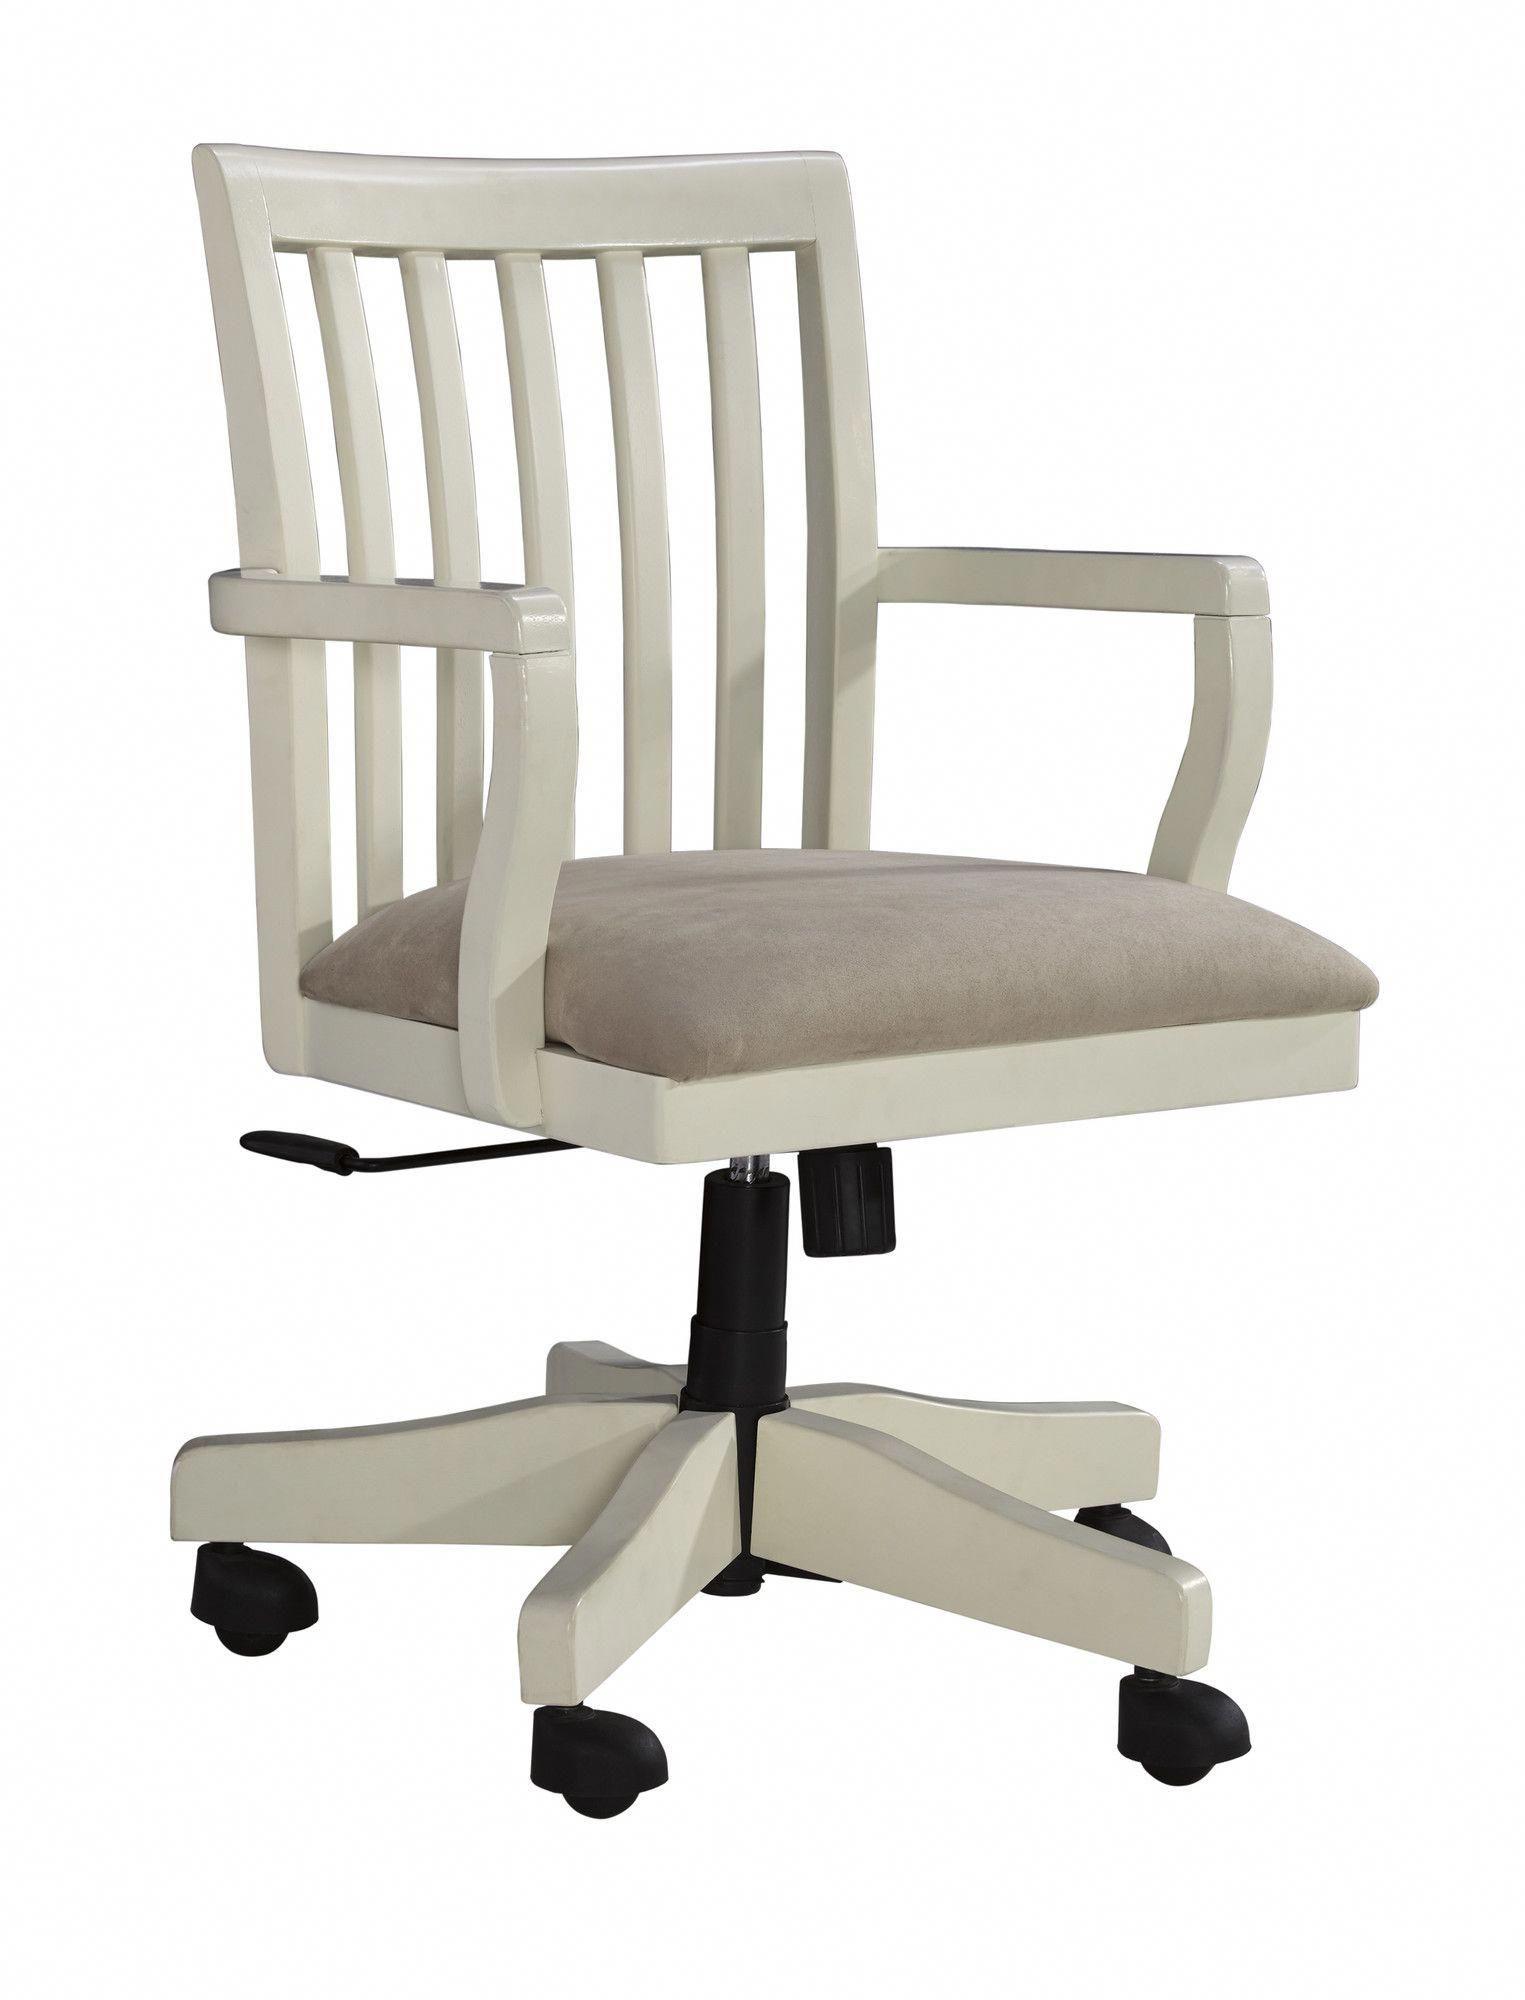 Edgecombe swivel bankers chair bankerschair